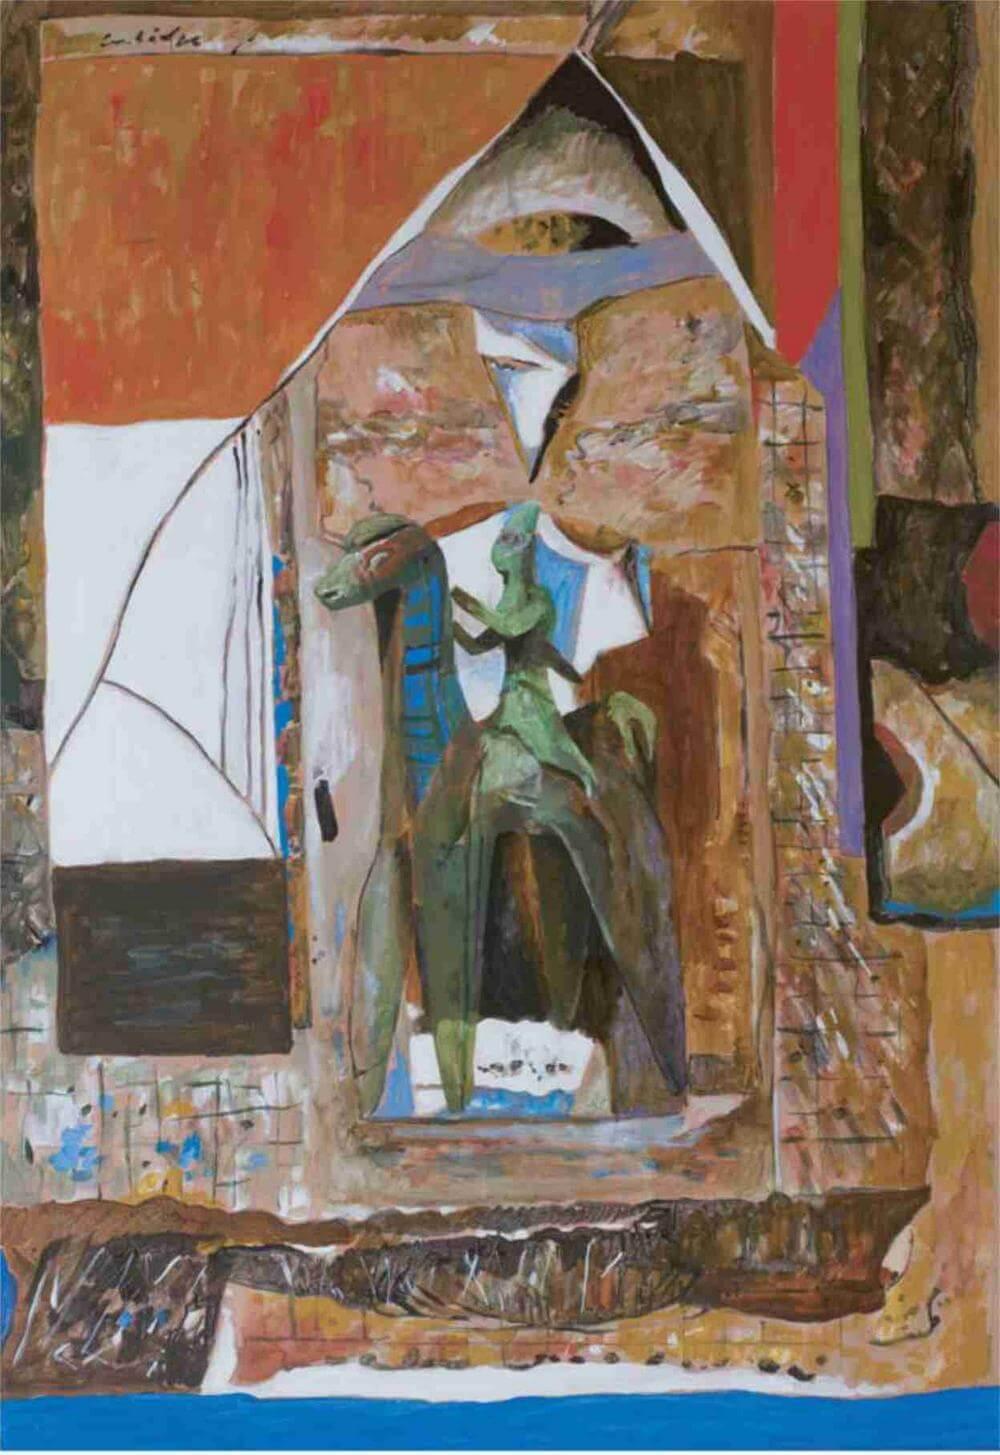 JOHN CORBIDGE ΜΑΓΙΚΟ ΒΟΥΝΟ ΕΡΥΘΡΟ 1995